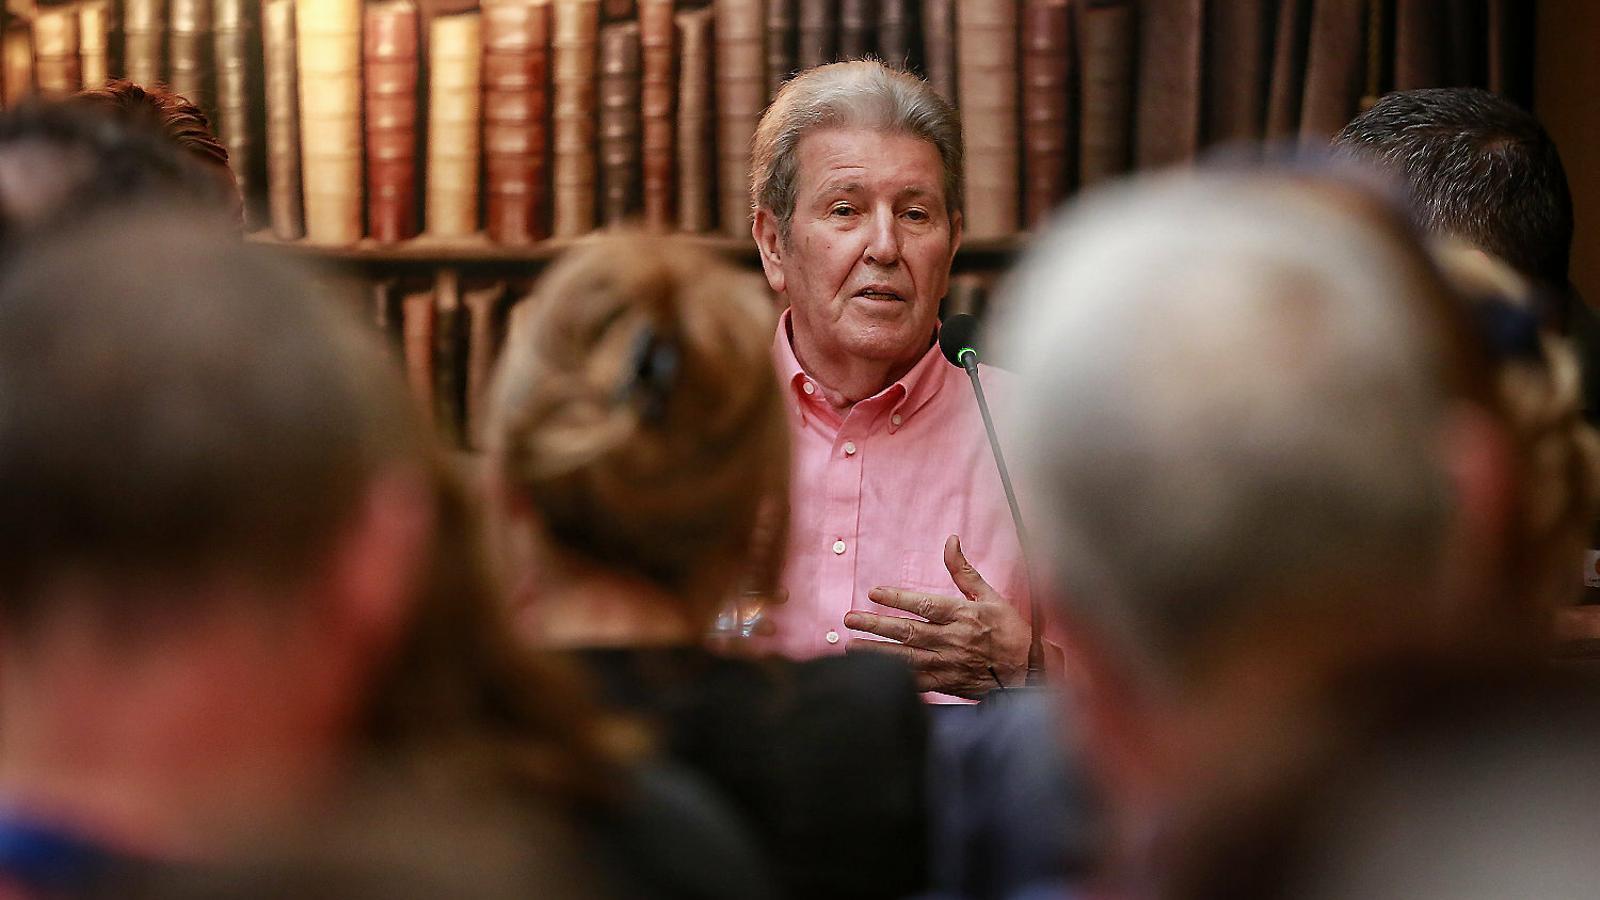 L'editor Jorge Herralde en la presentació  del seu llibre a  la llibreria  Laie ahir.